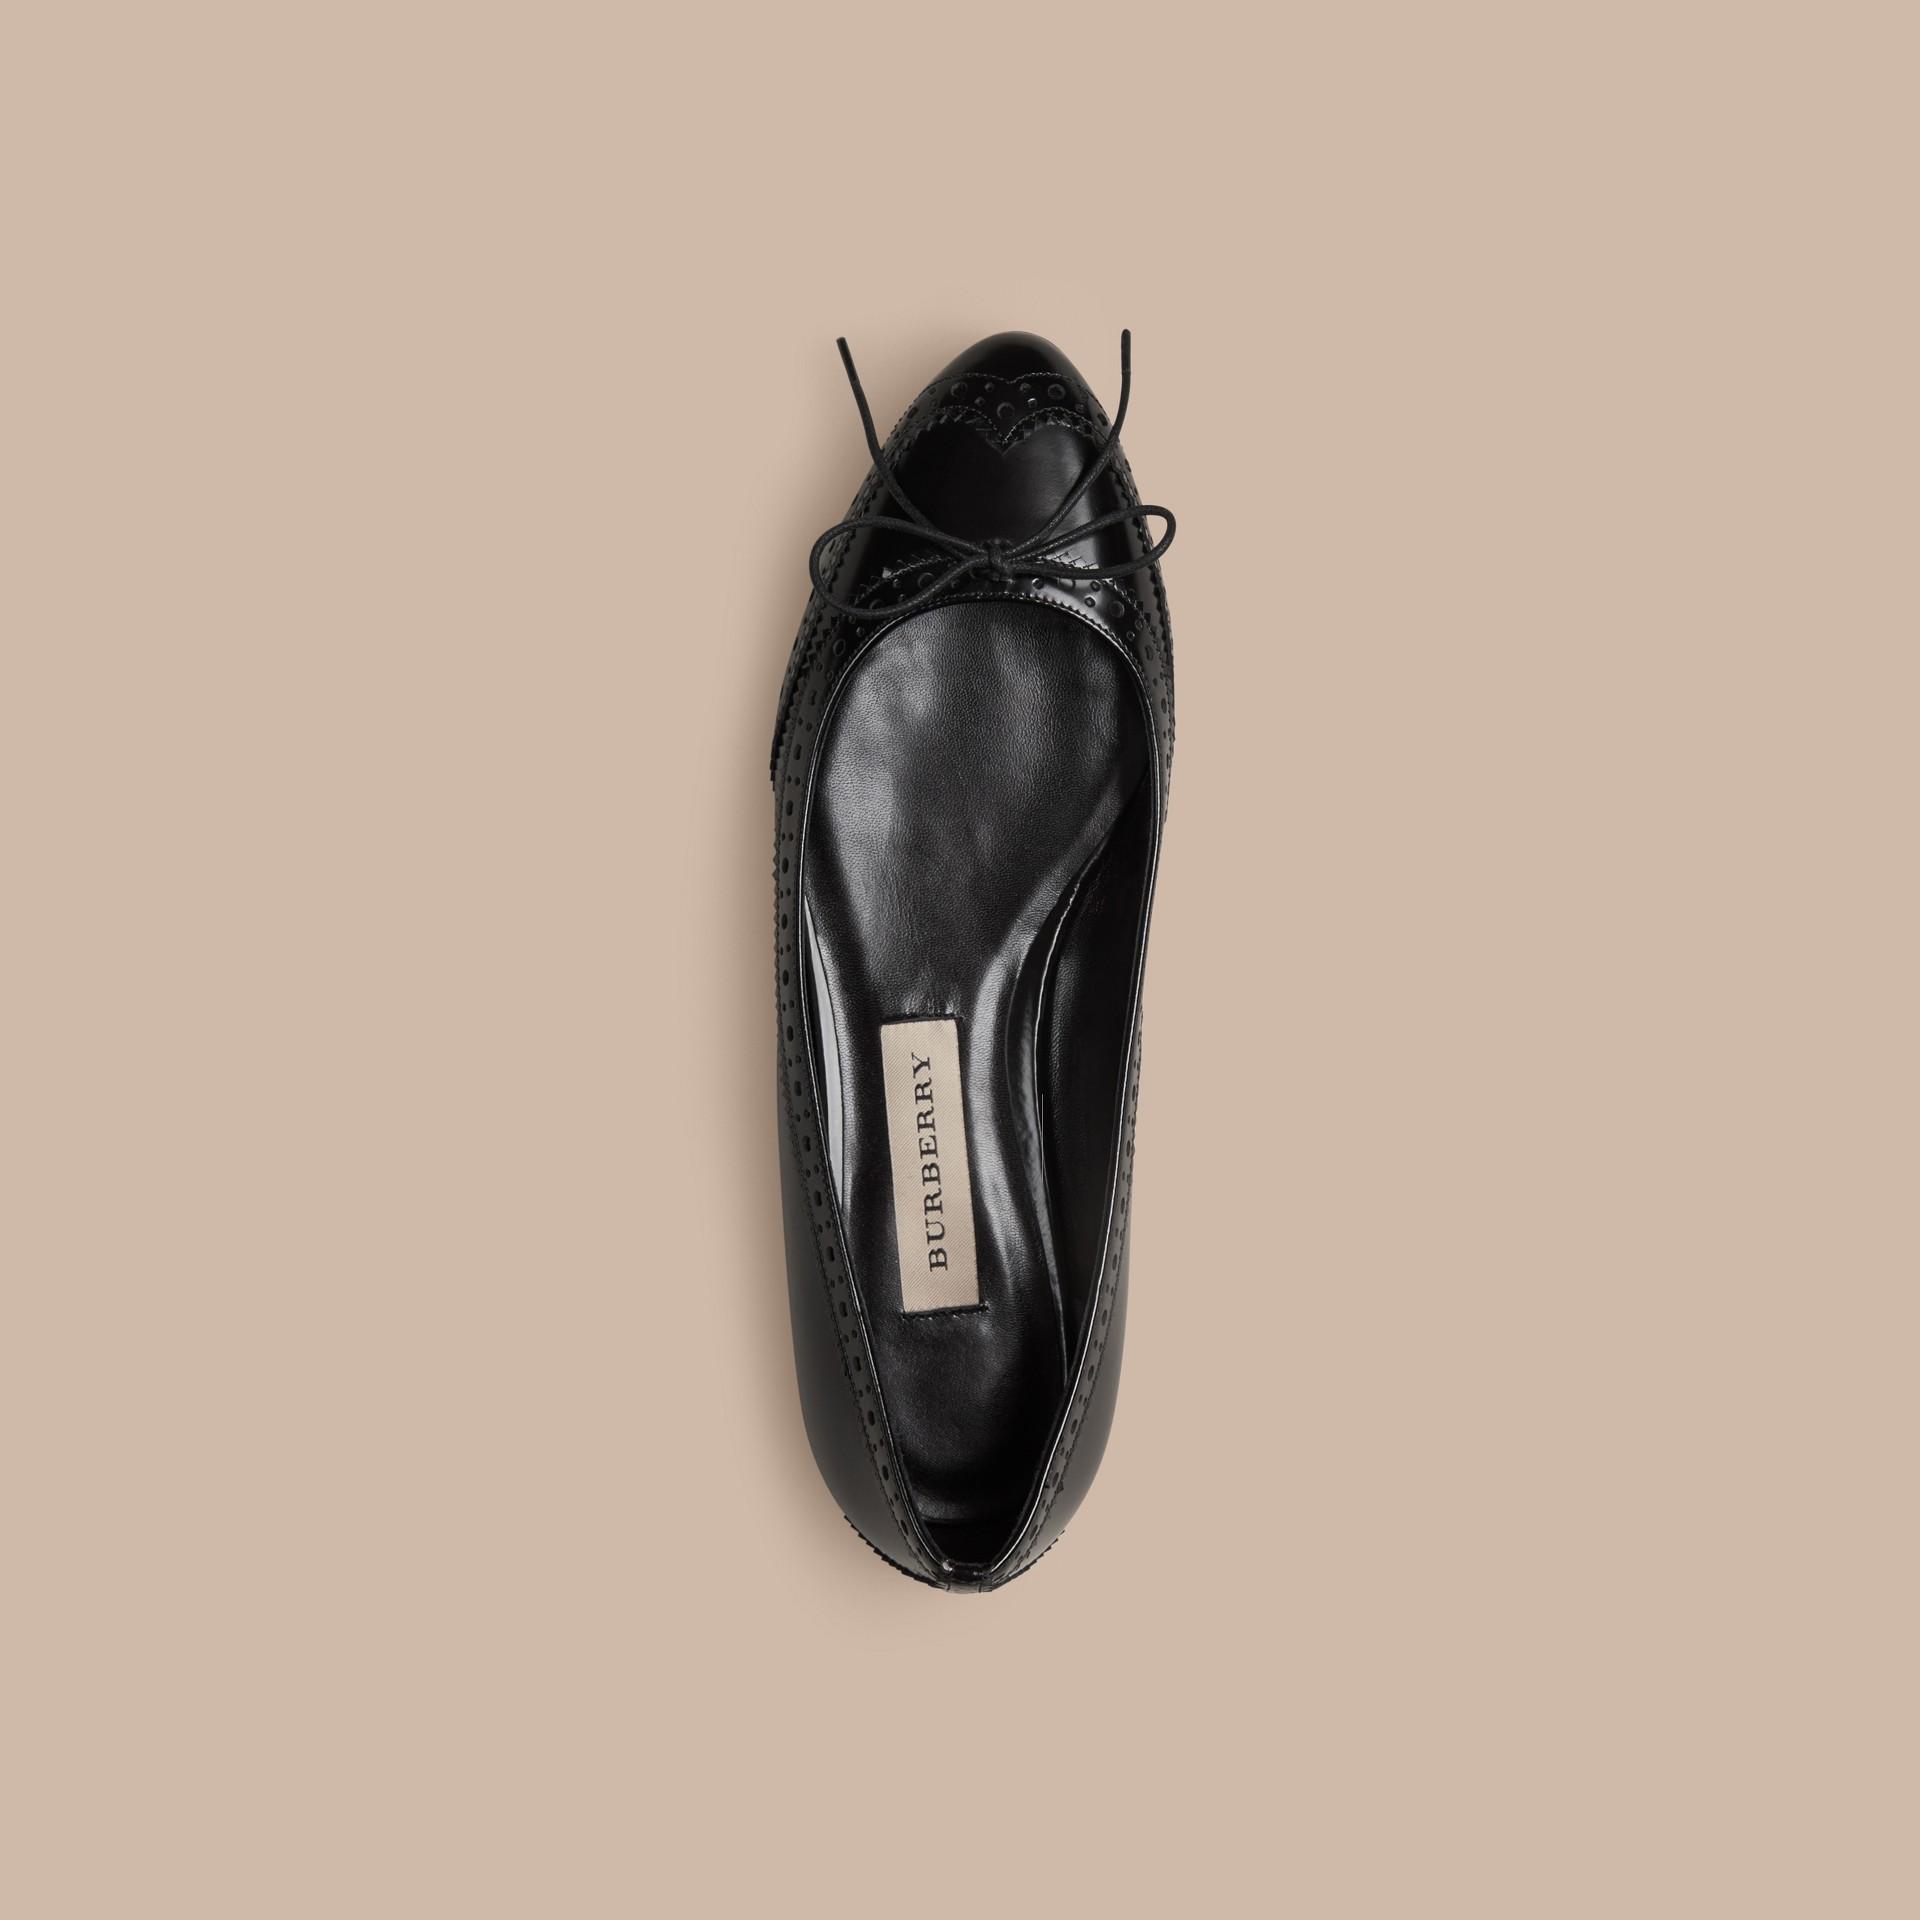 Schwarz Ballerinas aus Leder mit Brogue-Detail - Galerie-Bild 3